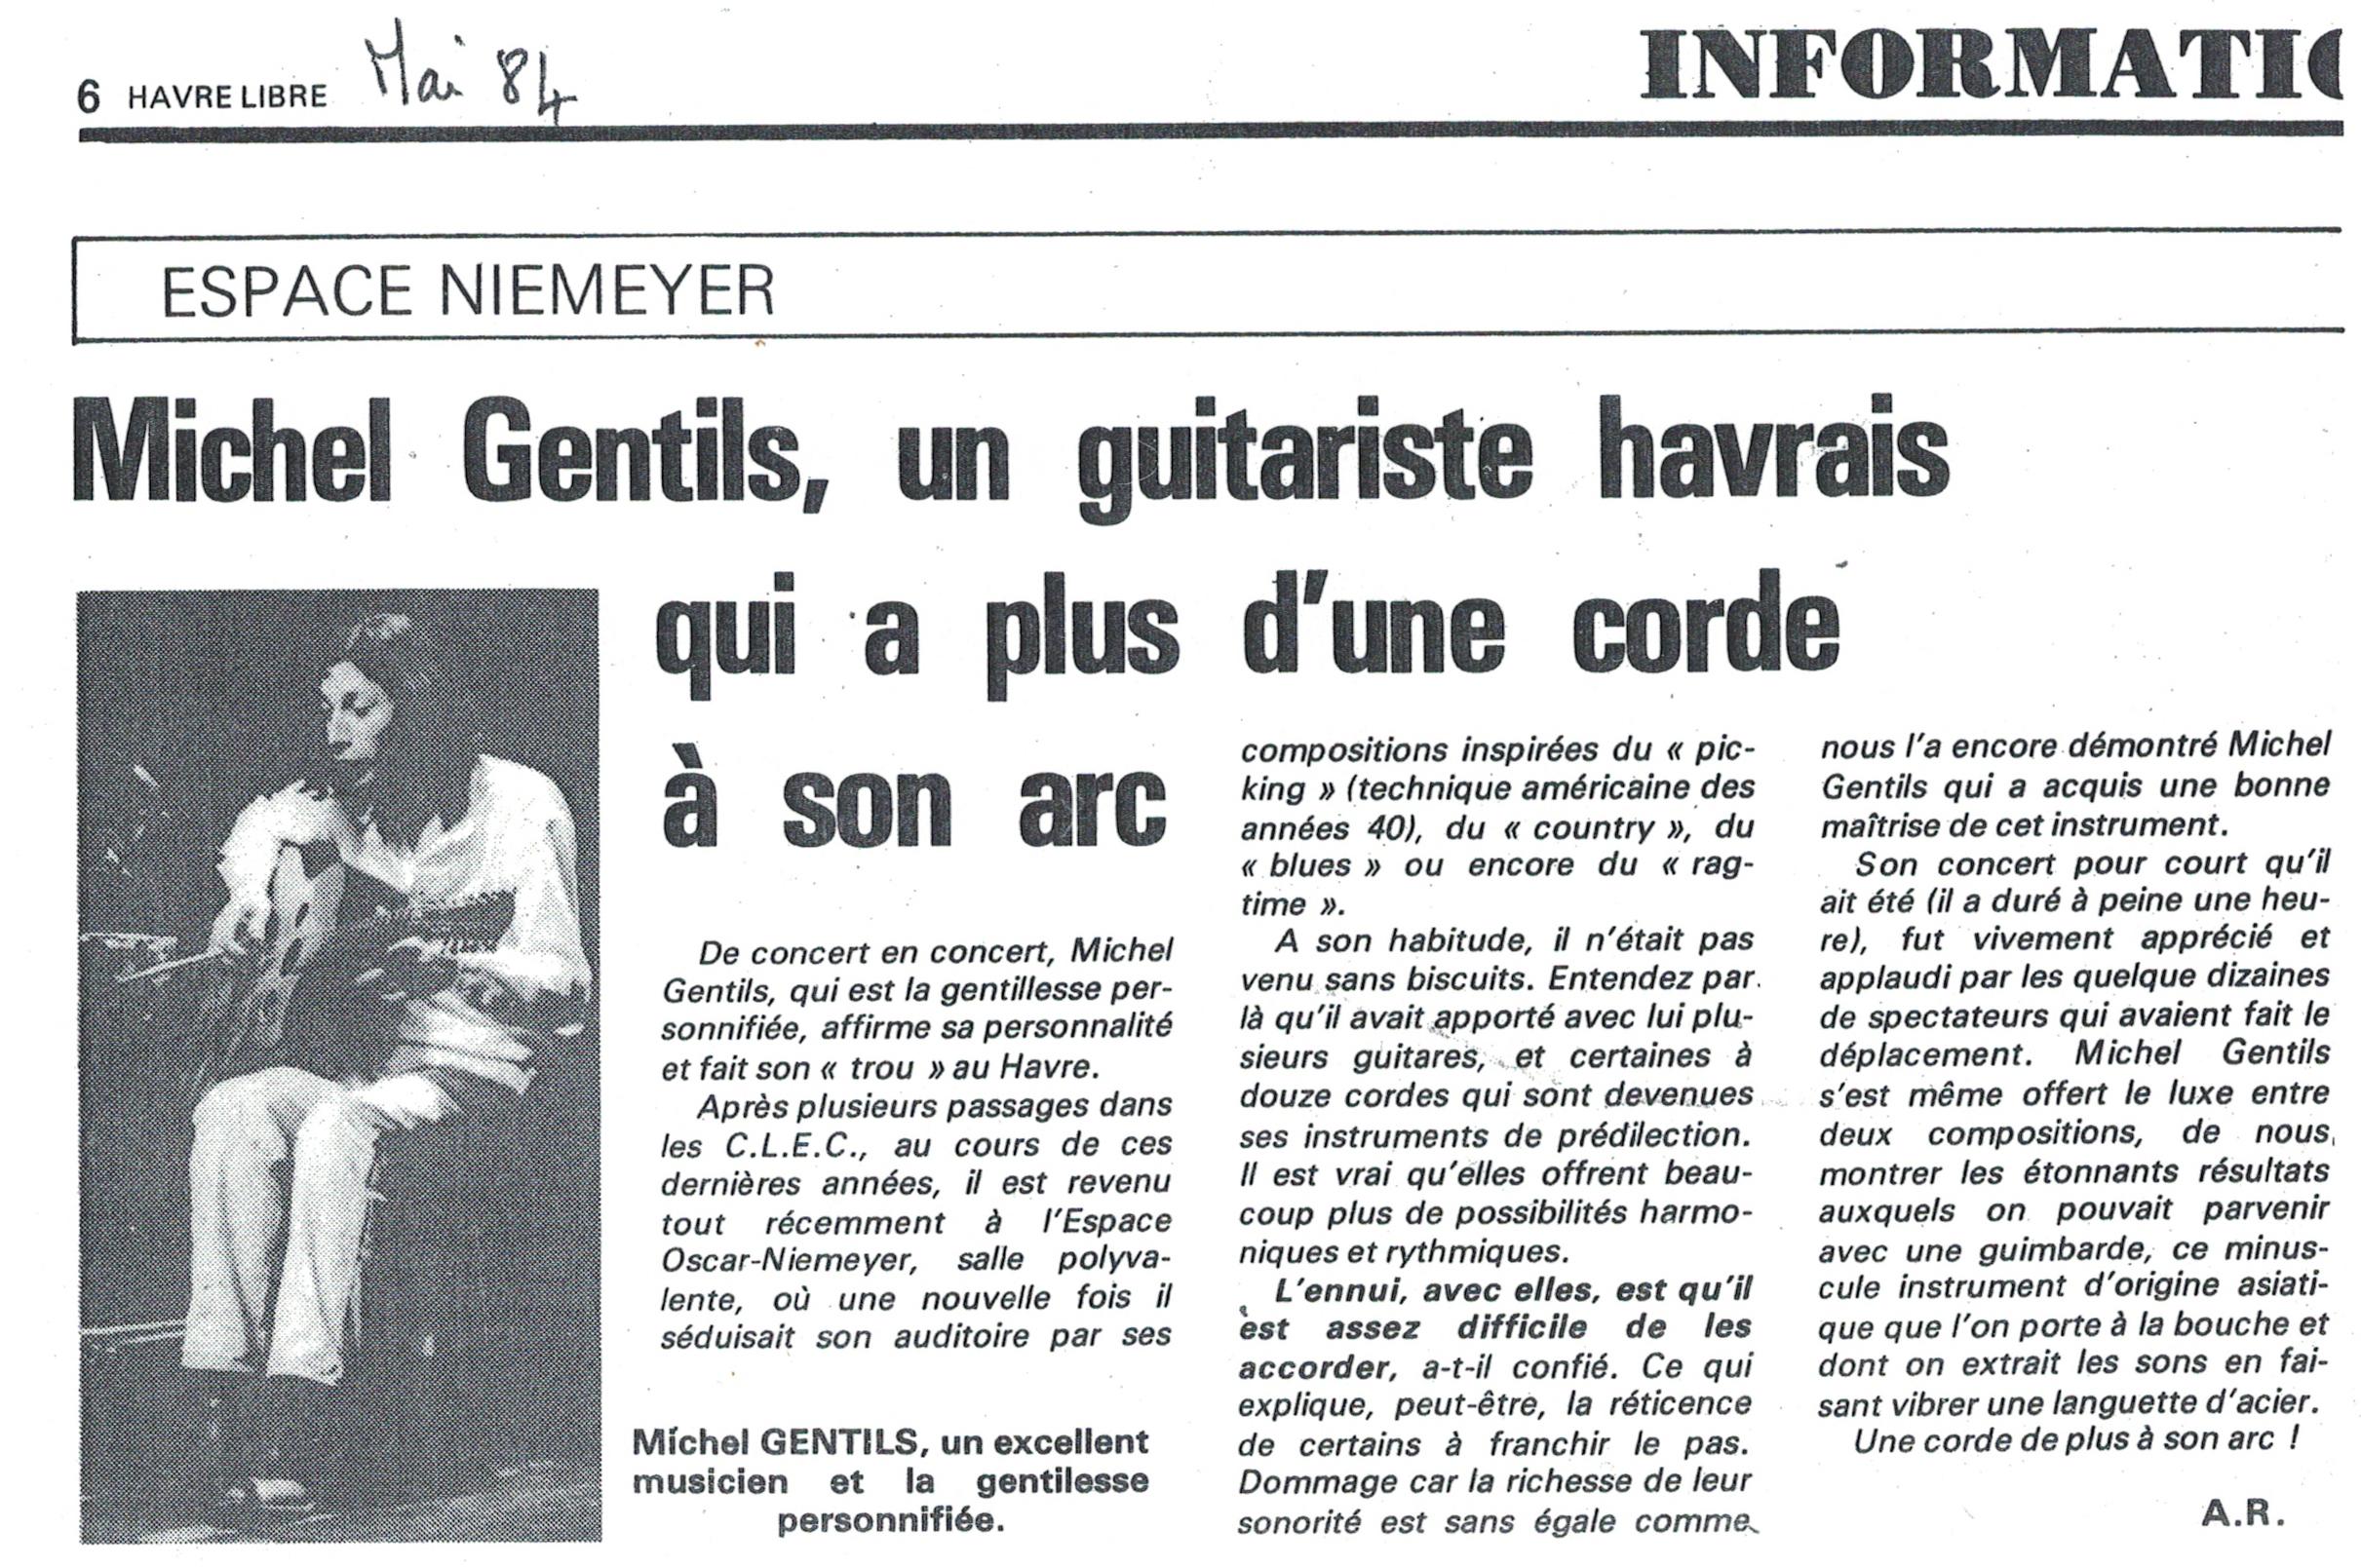 Le Havre Libre, Concert à la Maison de la Culture du Havre